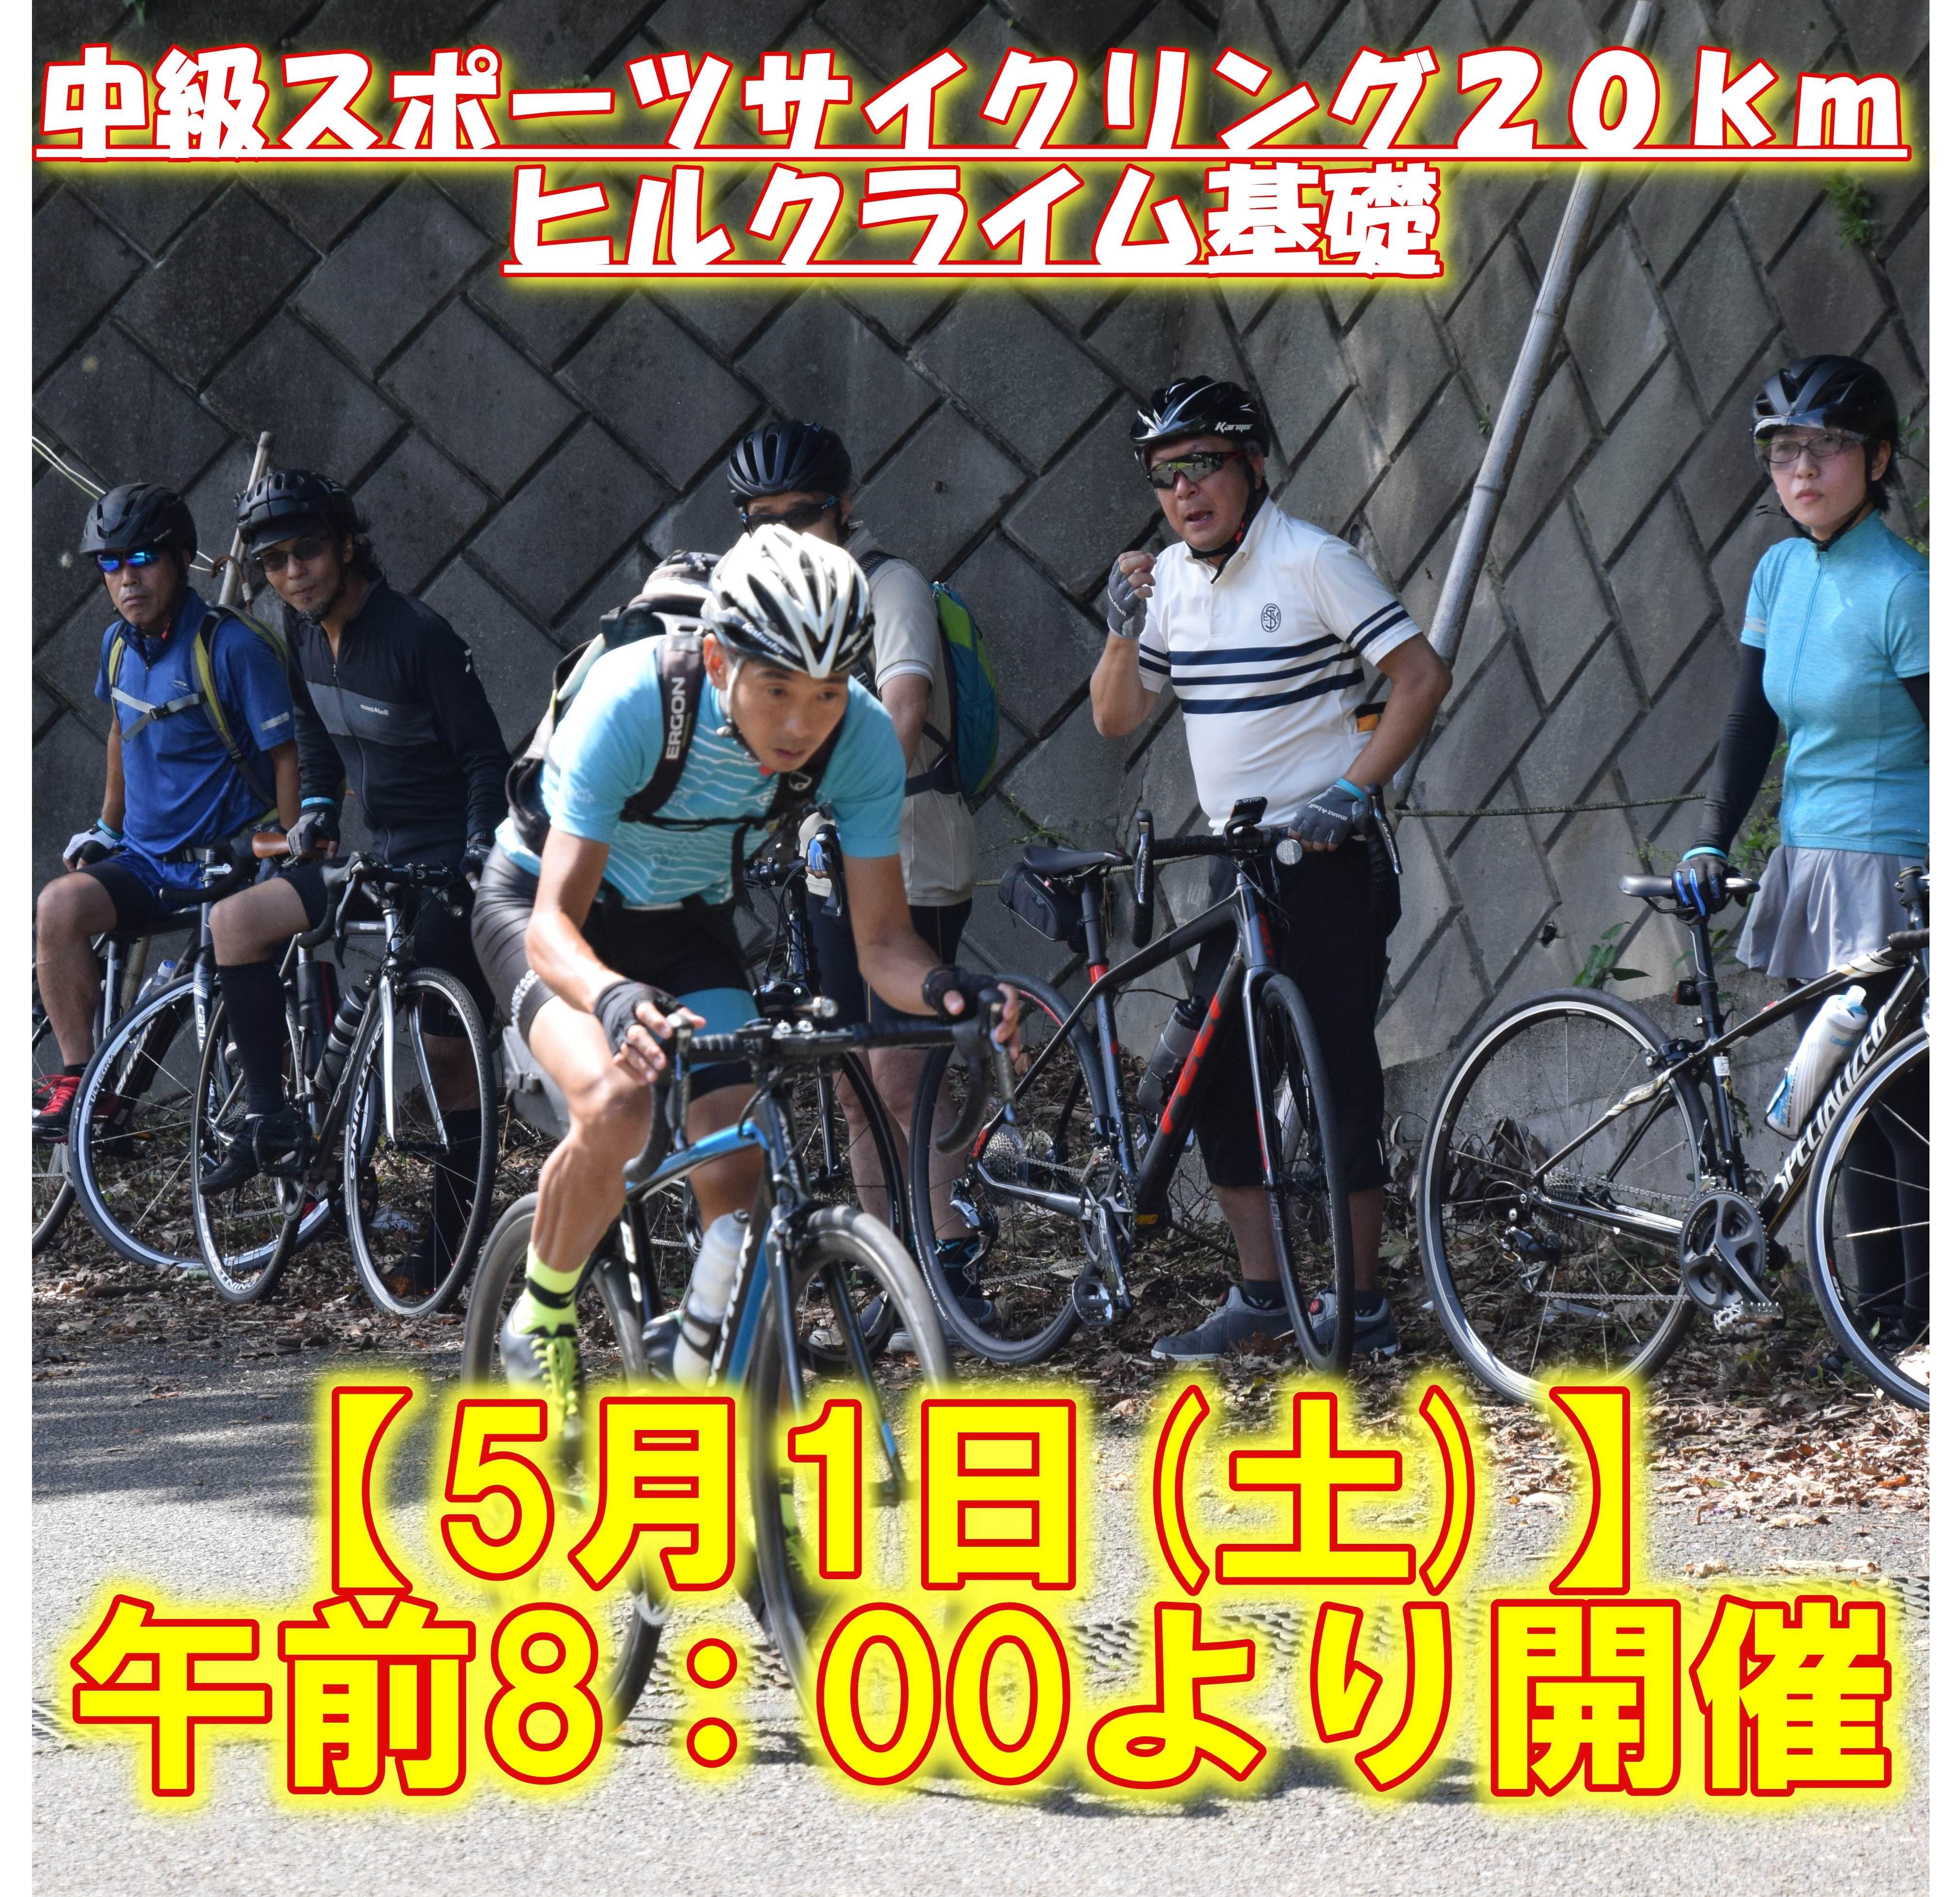 【5月1日土曜】午前の部・中級!! 中級スポーツサイクリング20km ヒルクライム基礎 参加費 午前8時から のイメージその1